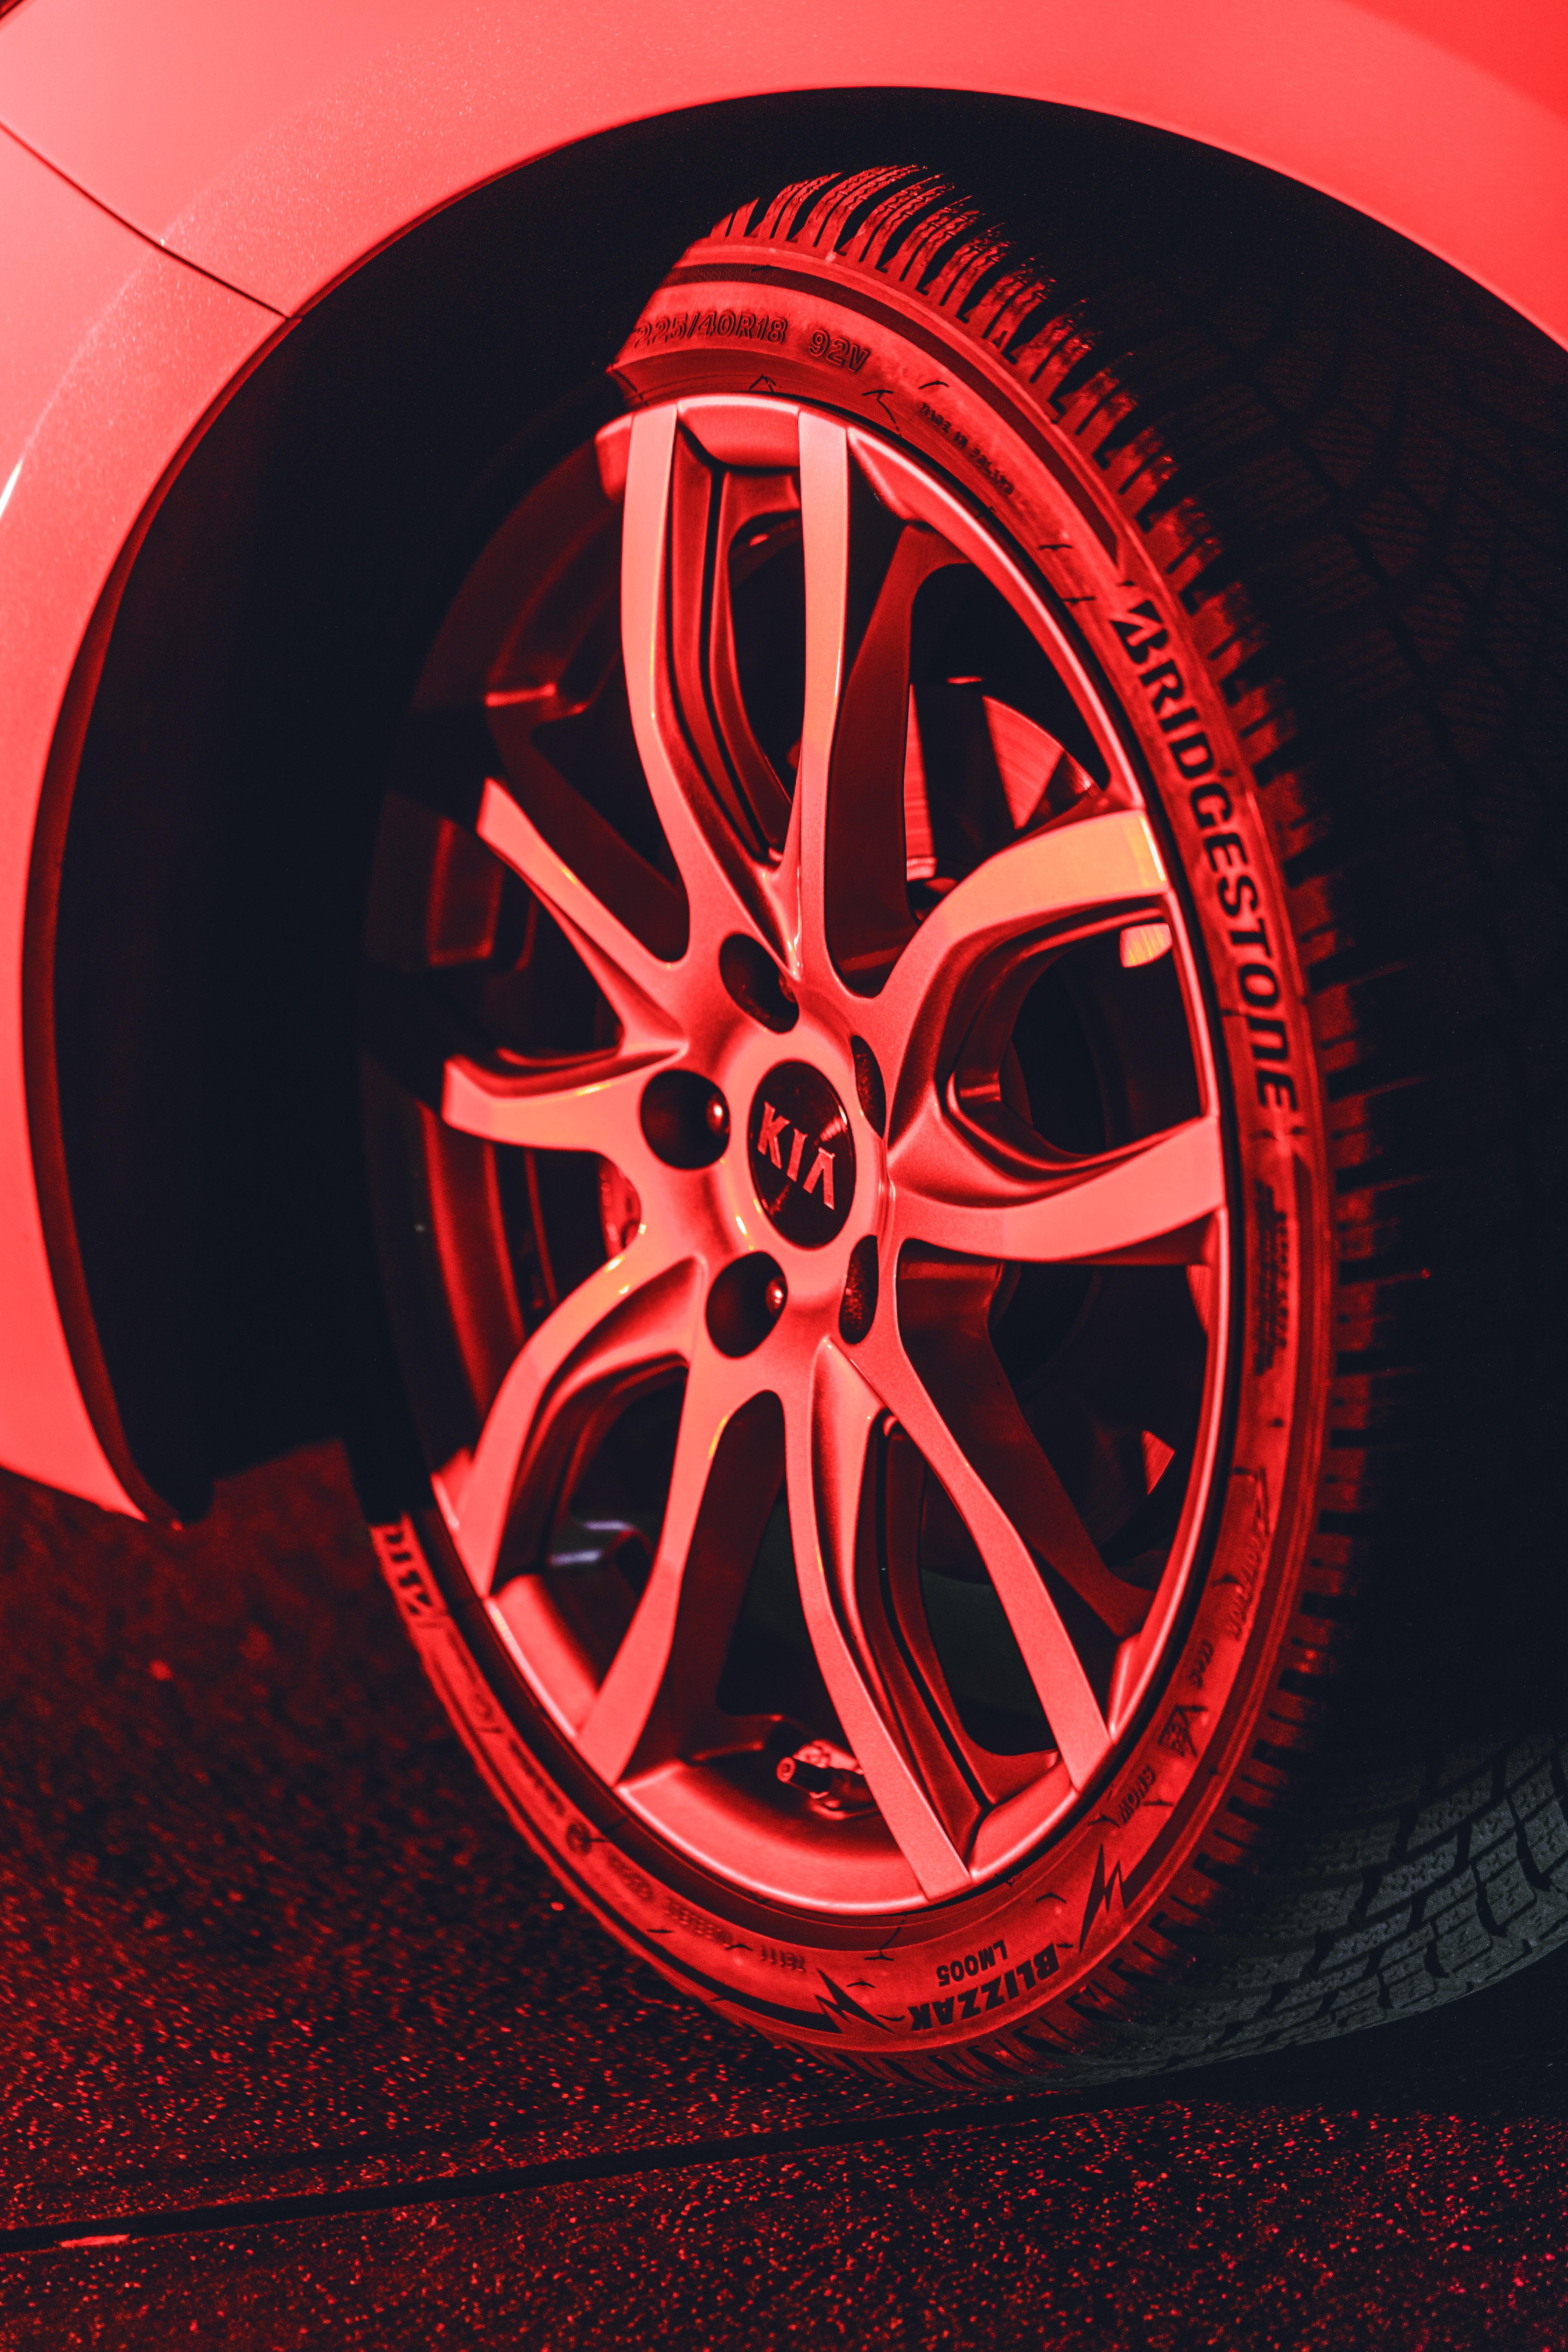 123433 Hintergrundbild herunterladen Auto, Kia, Cars, Maschine, Rad, Reifen - Bildschirmschoner und Bilder kostenlos